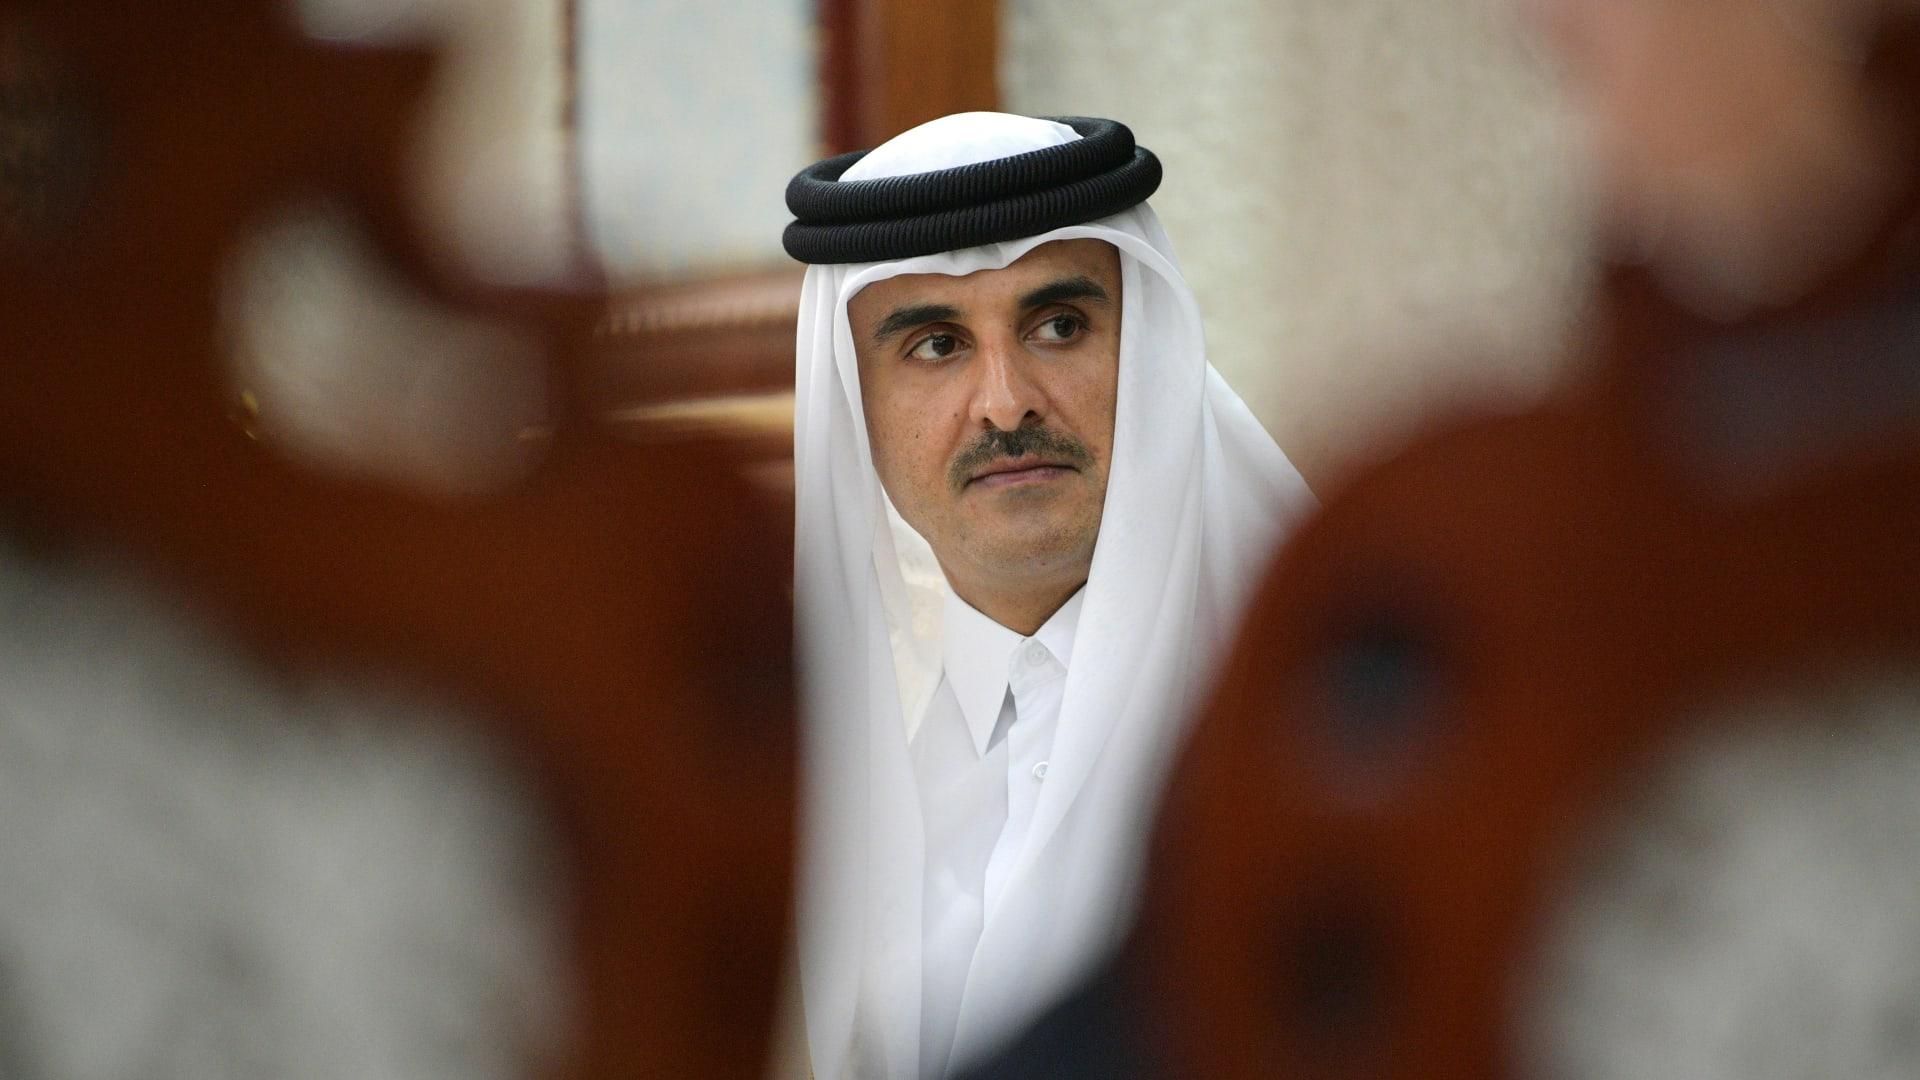 الديوان الأميري: أمير قطر يعلن دعمه السعودية خلال اتصاله مع ولي العهد السعودي